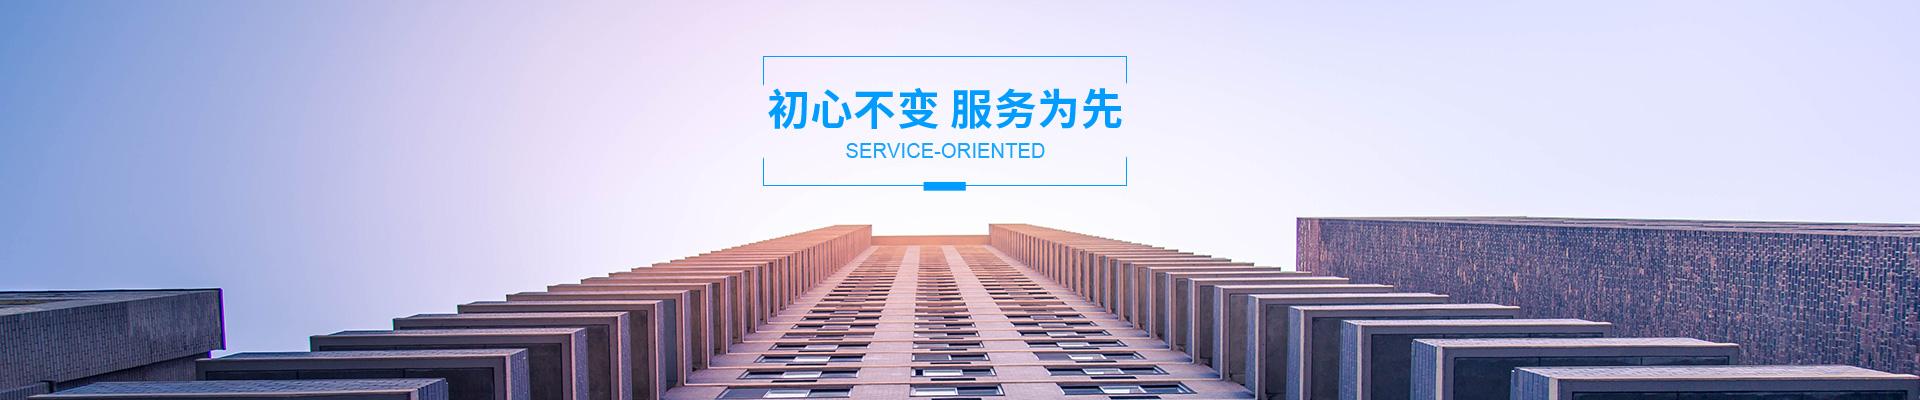 杭州美客同创展览展示有限公司公司介绍